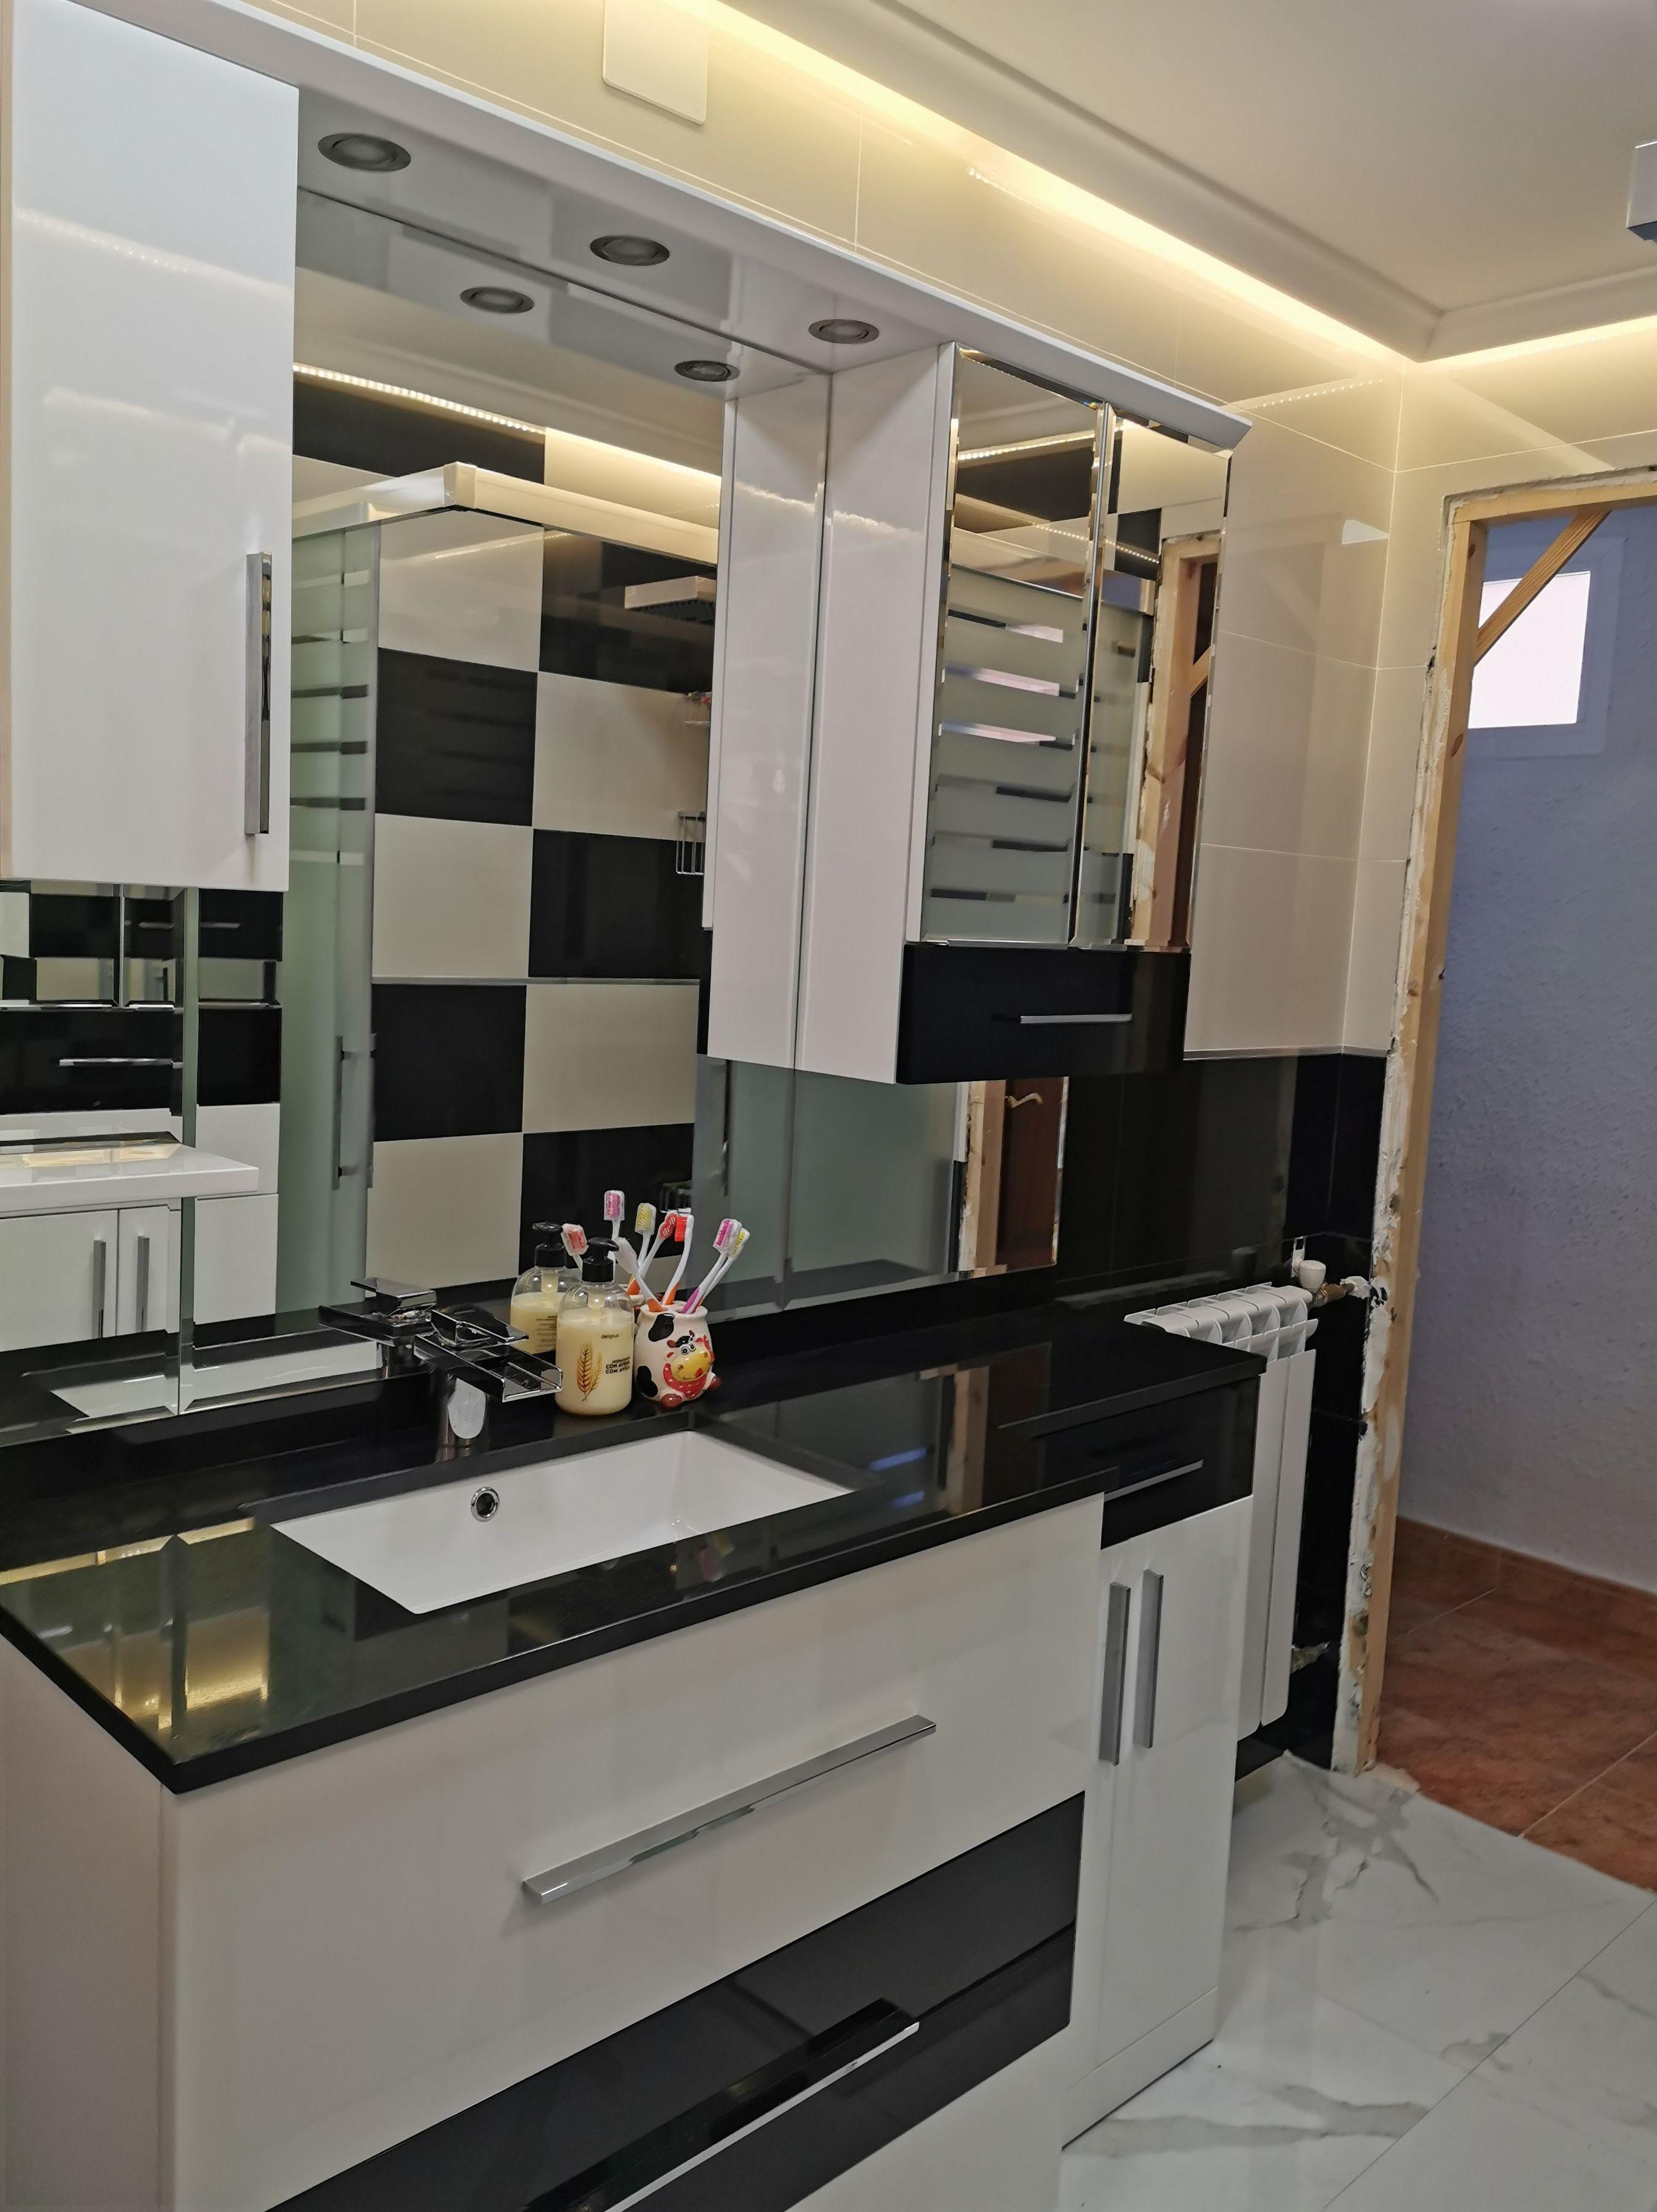 Foto 23 de Reformas en baños y cocinas en Trobajo del Camino | F. Alba, cocinas y baños